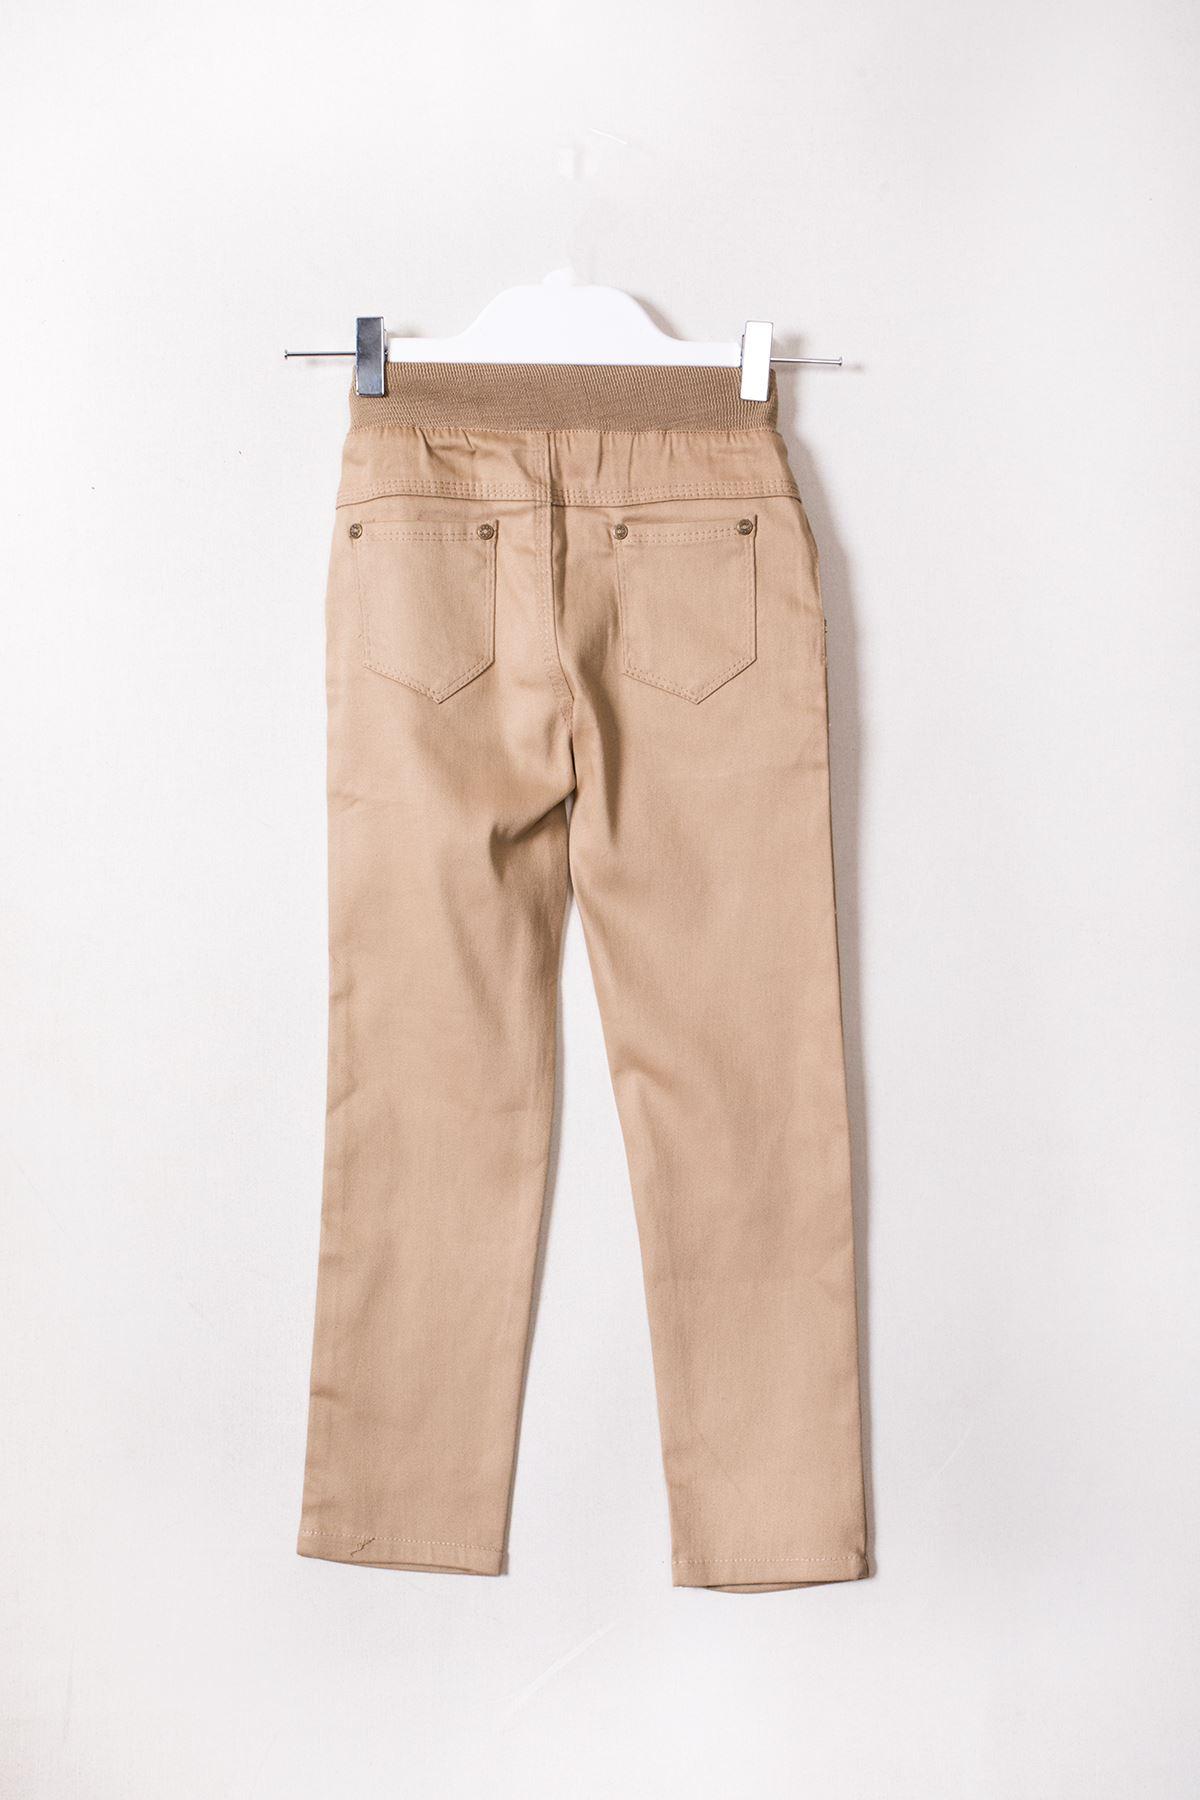 Beli Lastikli Erkek Çocuk Pantolon